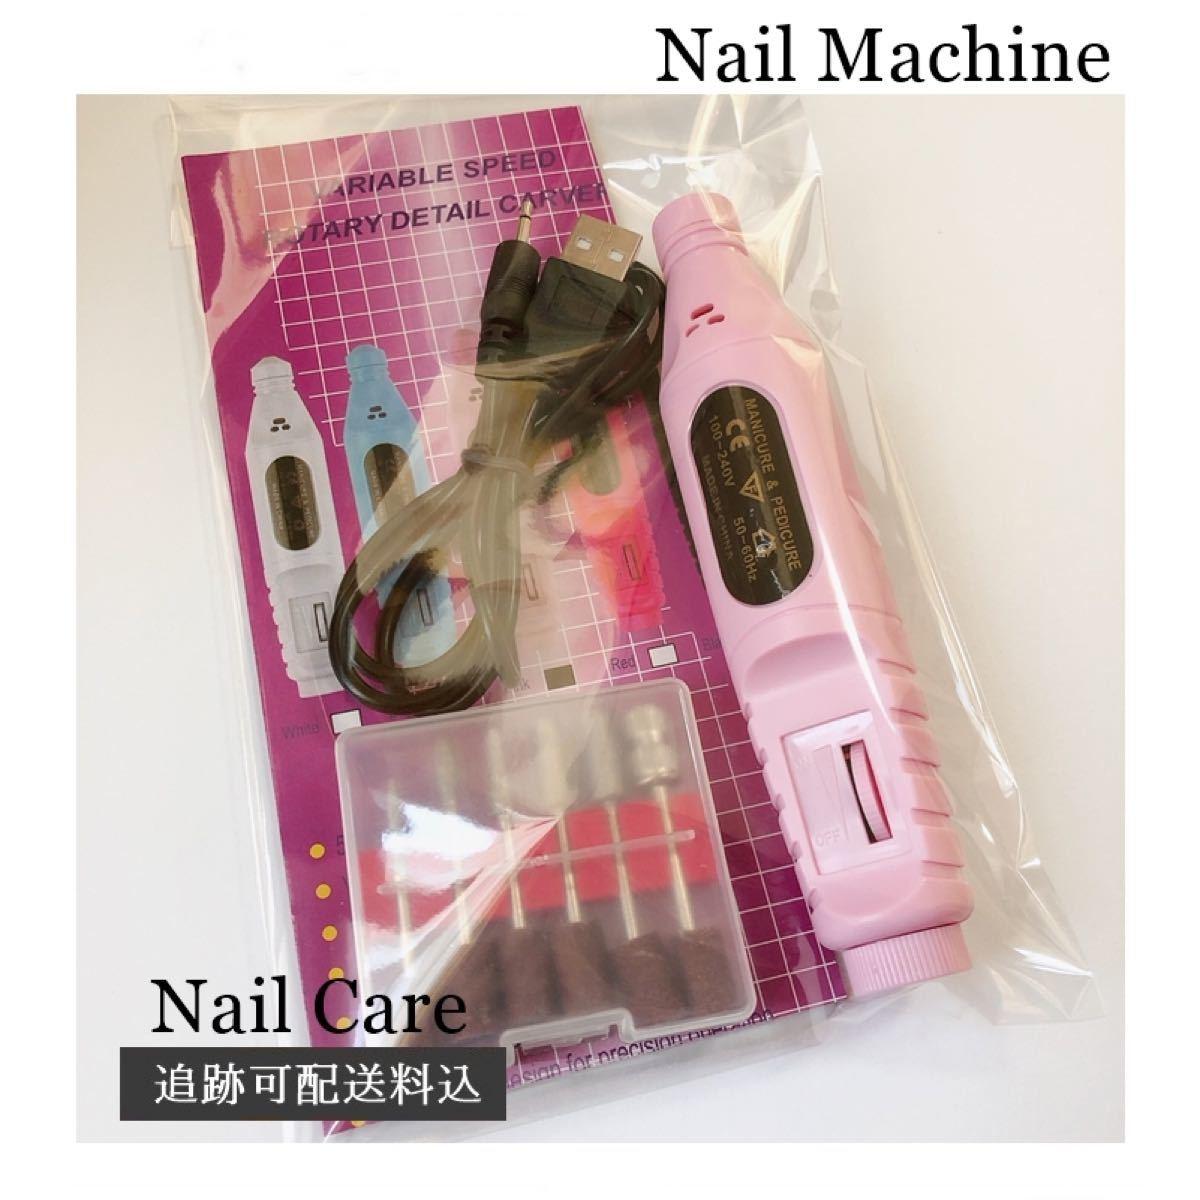 【11種類ビット付】電動ネイルマシン ネイルマシーン プロ仕様セラミックビット